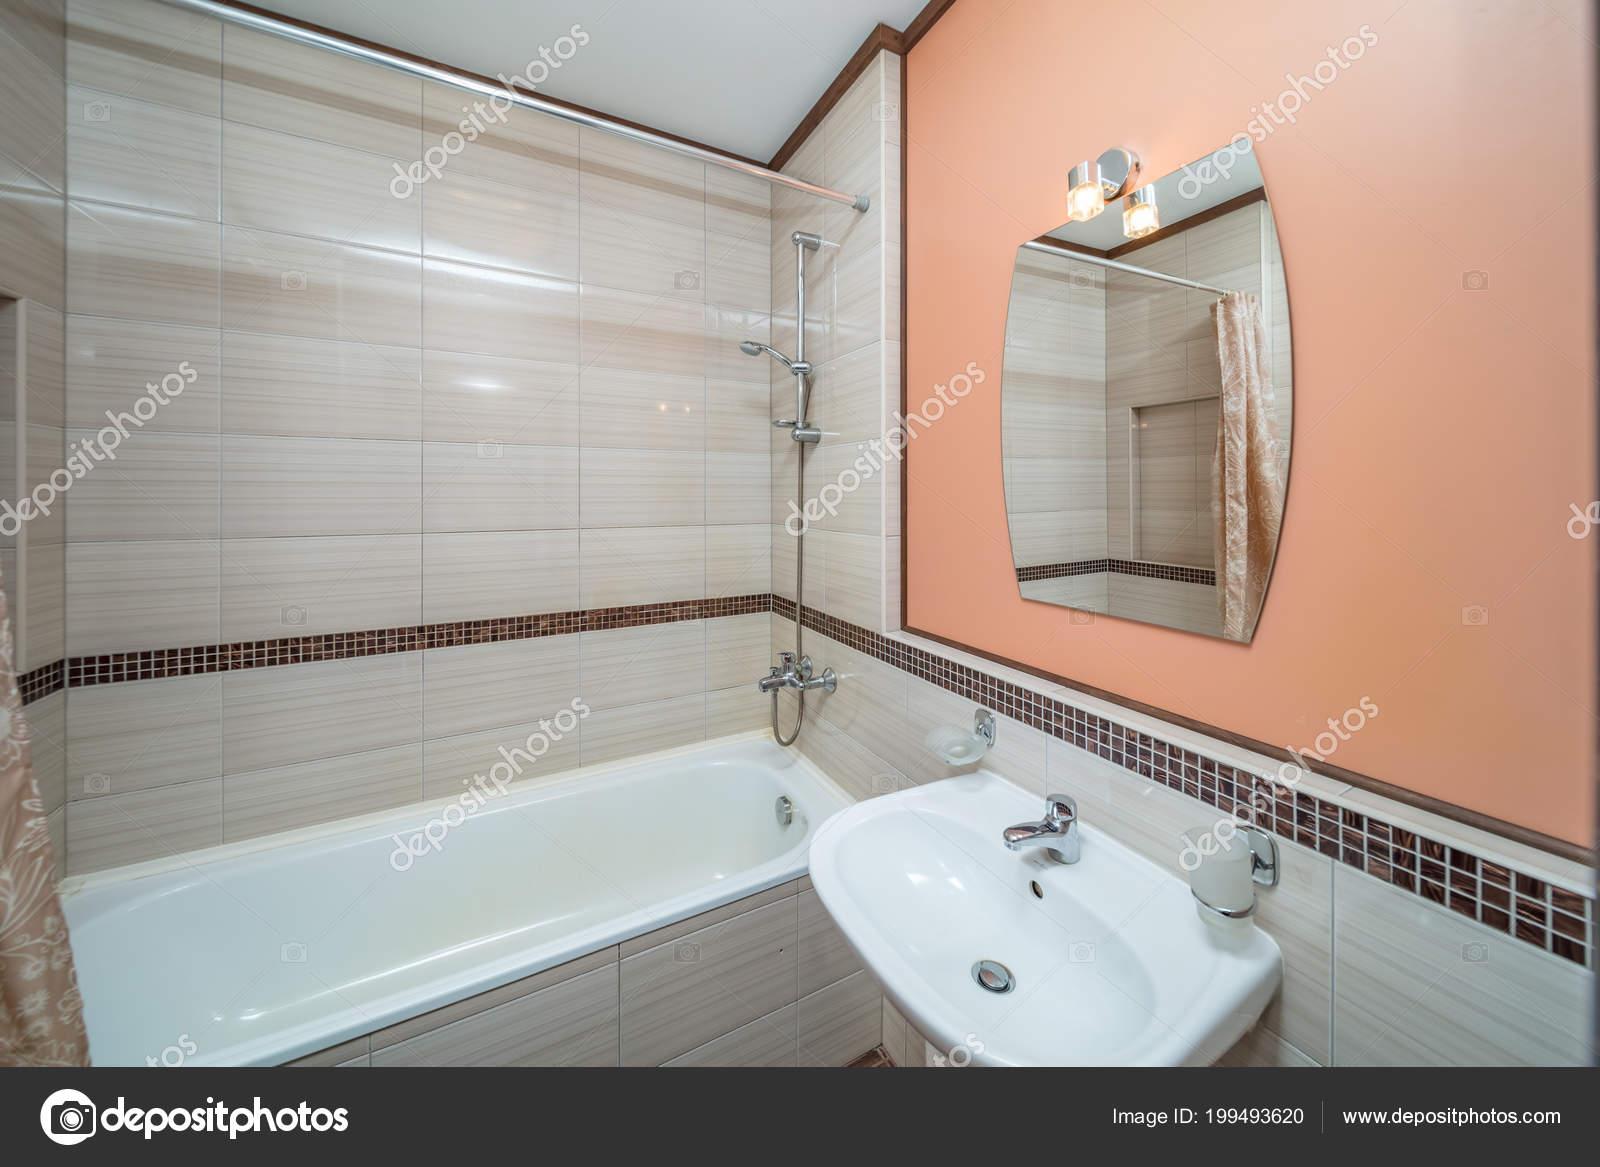 Carrelage Beige Petite Salle Bains Avec Baignoire Lavabo ...